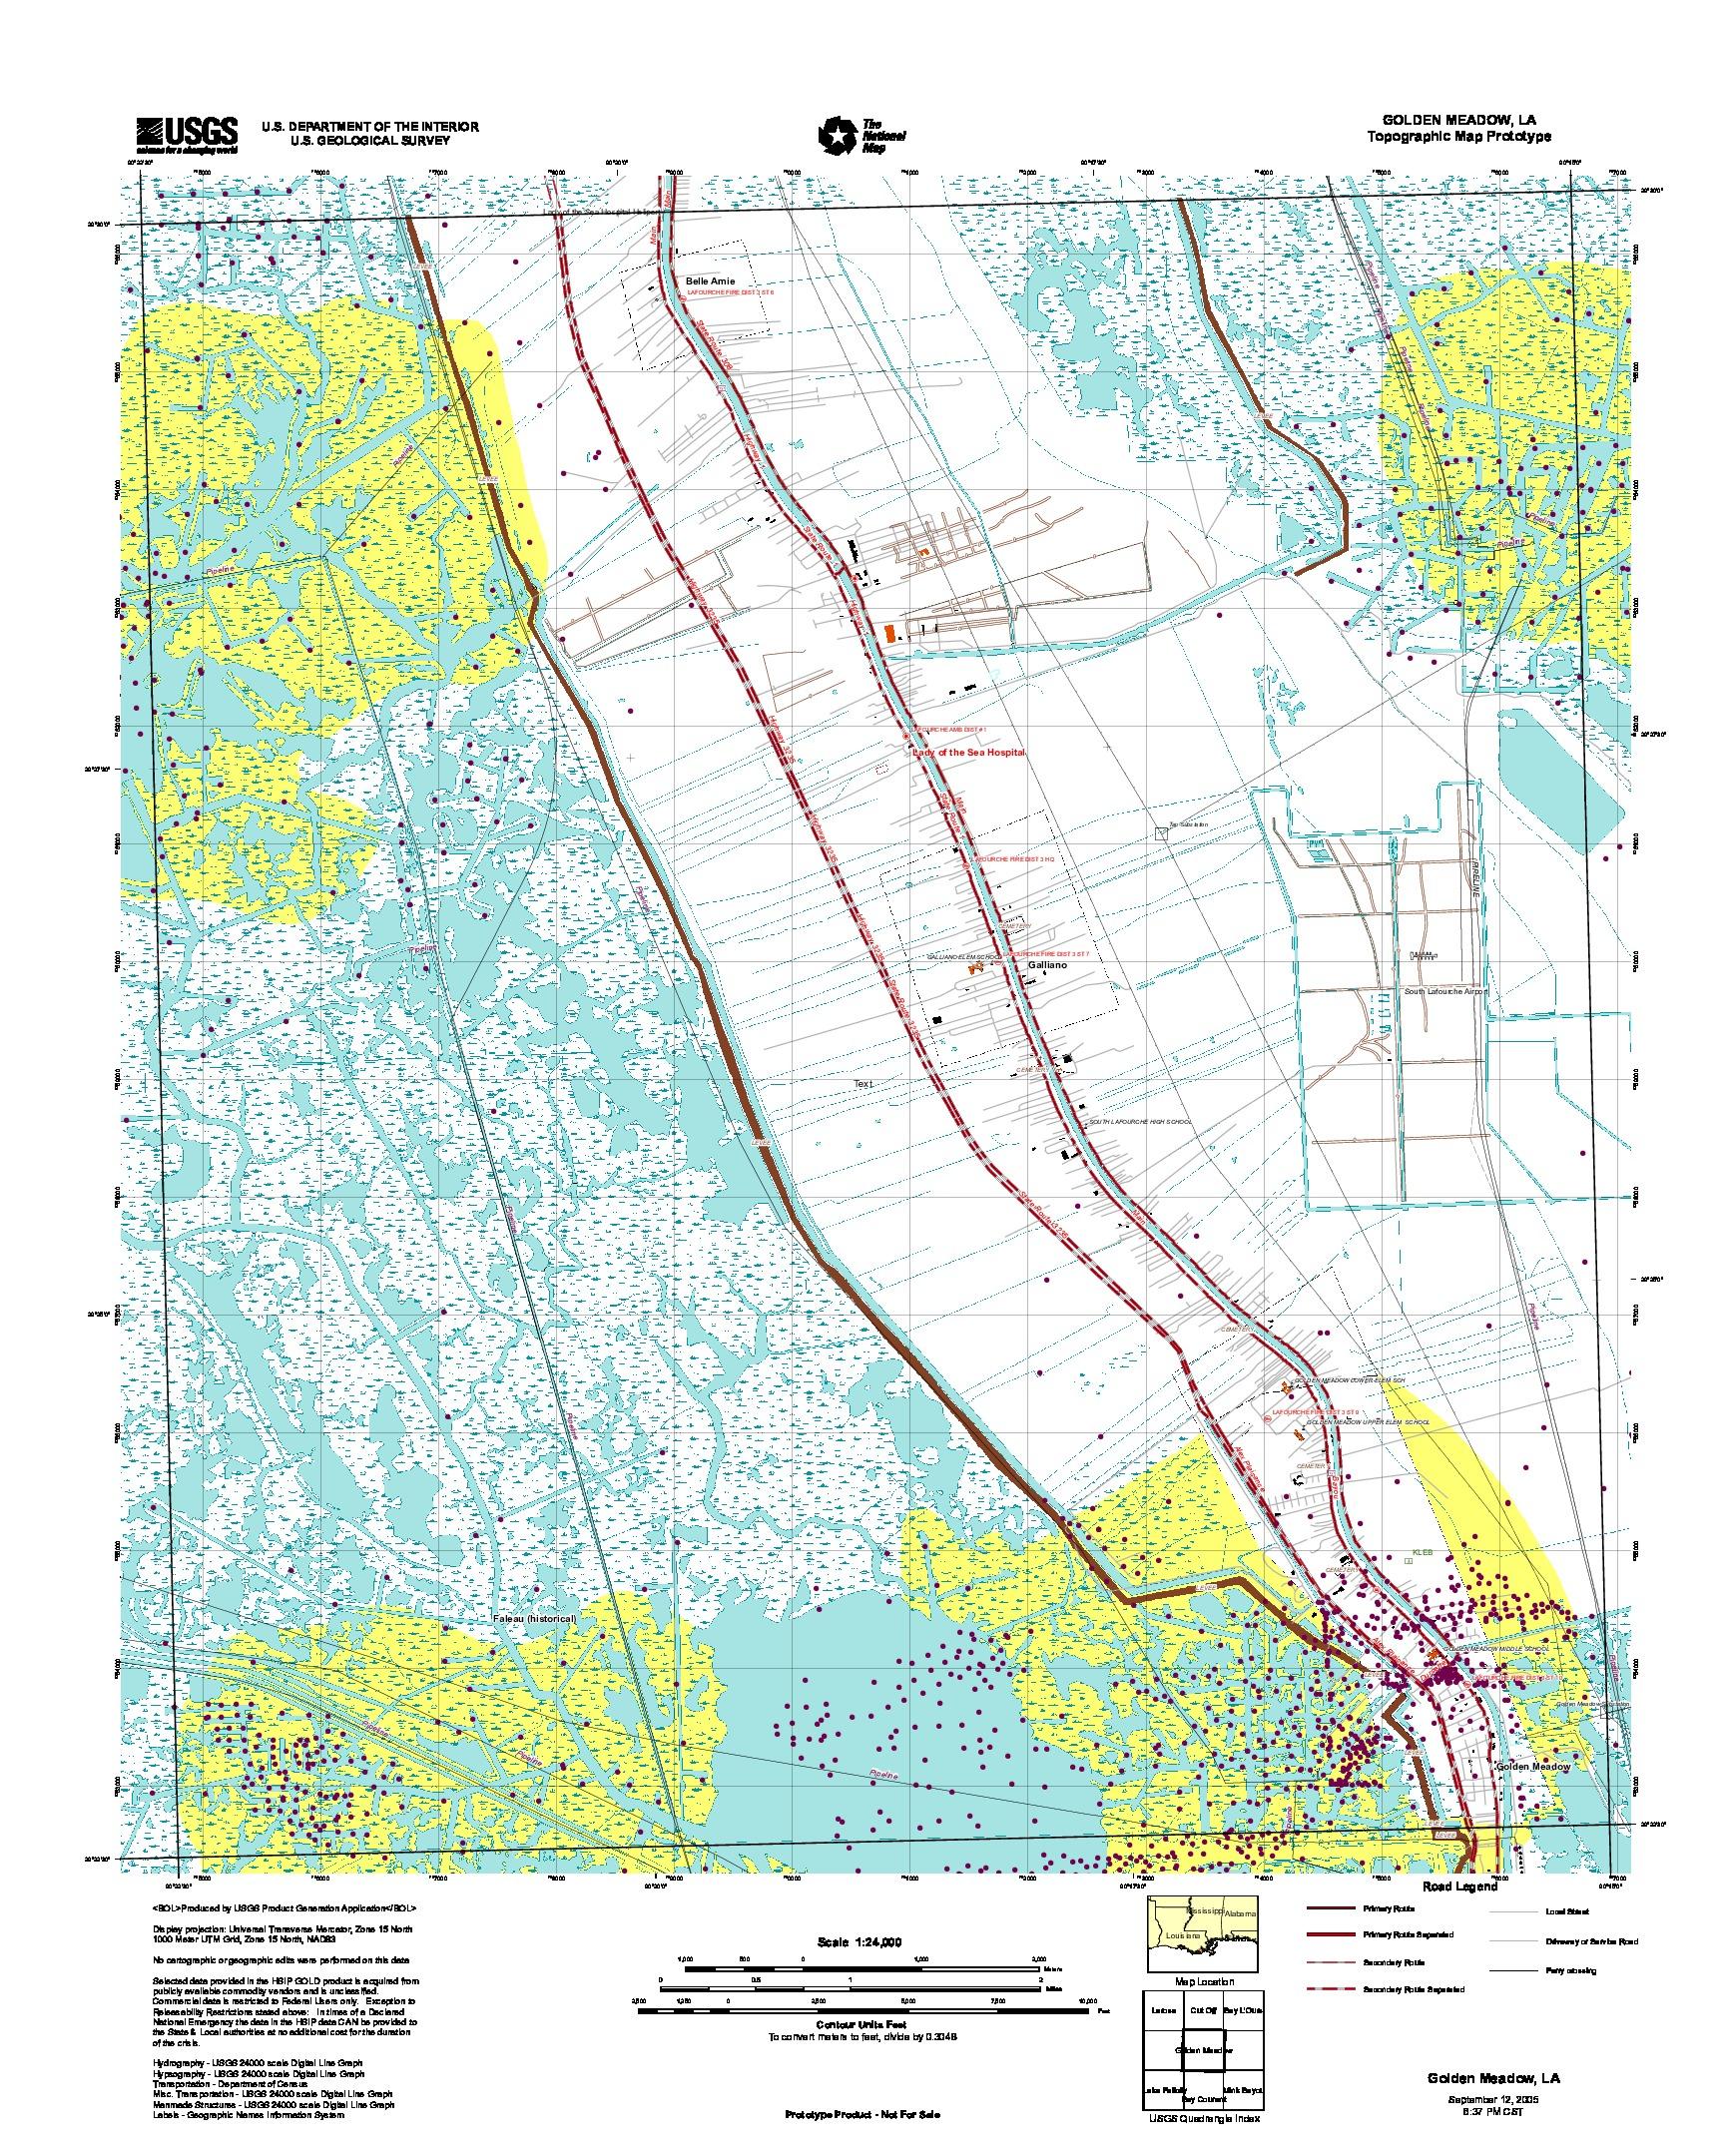 Prototipo de Mapa Topográfico de Golden Meadow, Luisiana, Estados Unidos, Septiembre 12, 2005